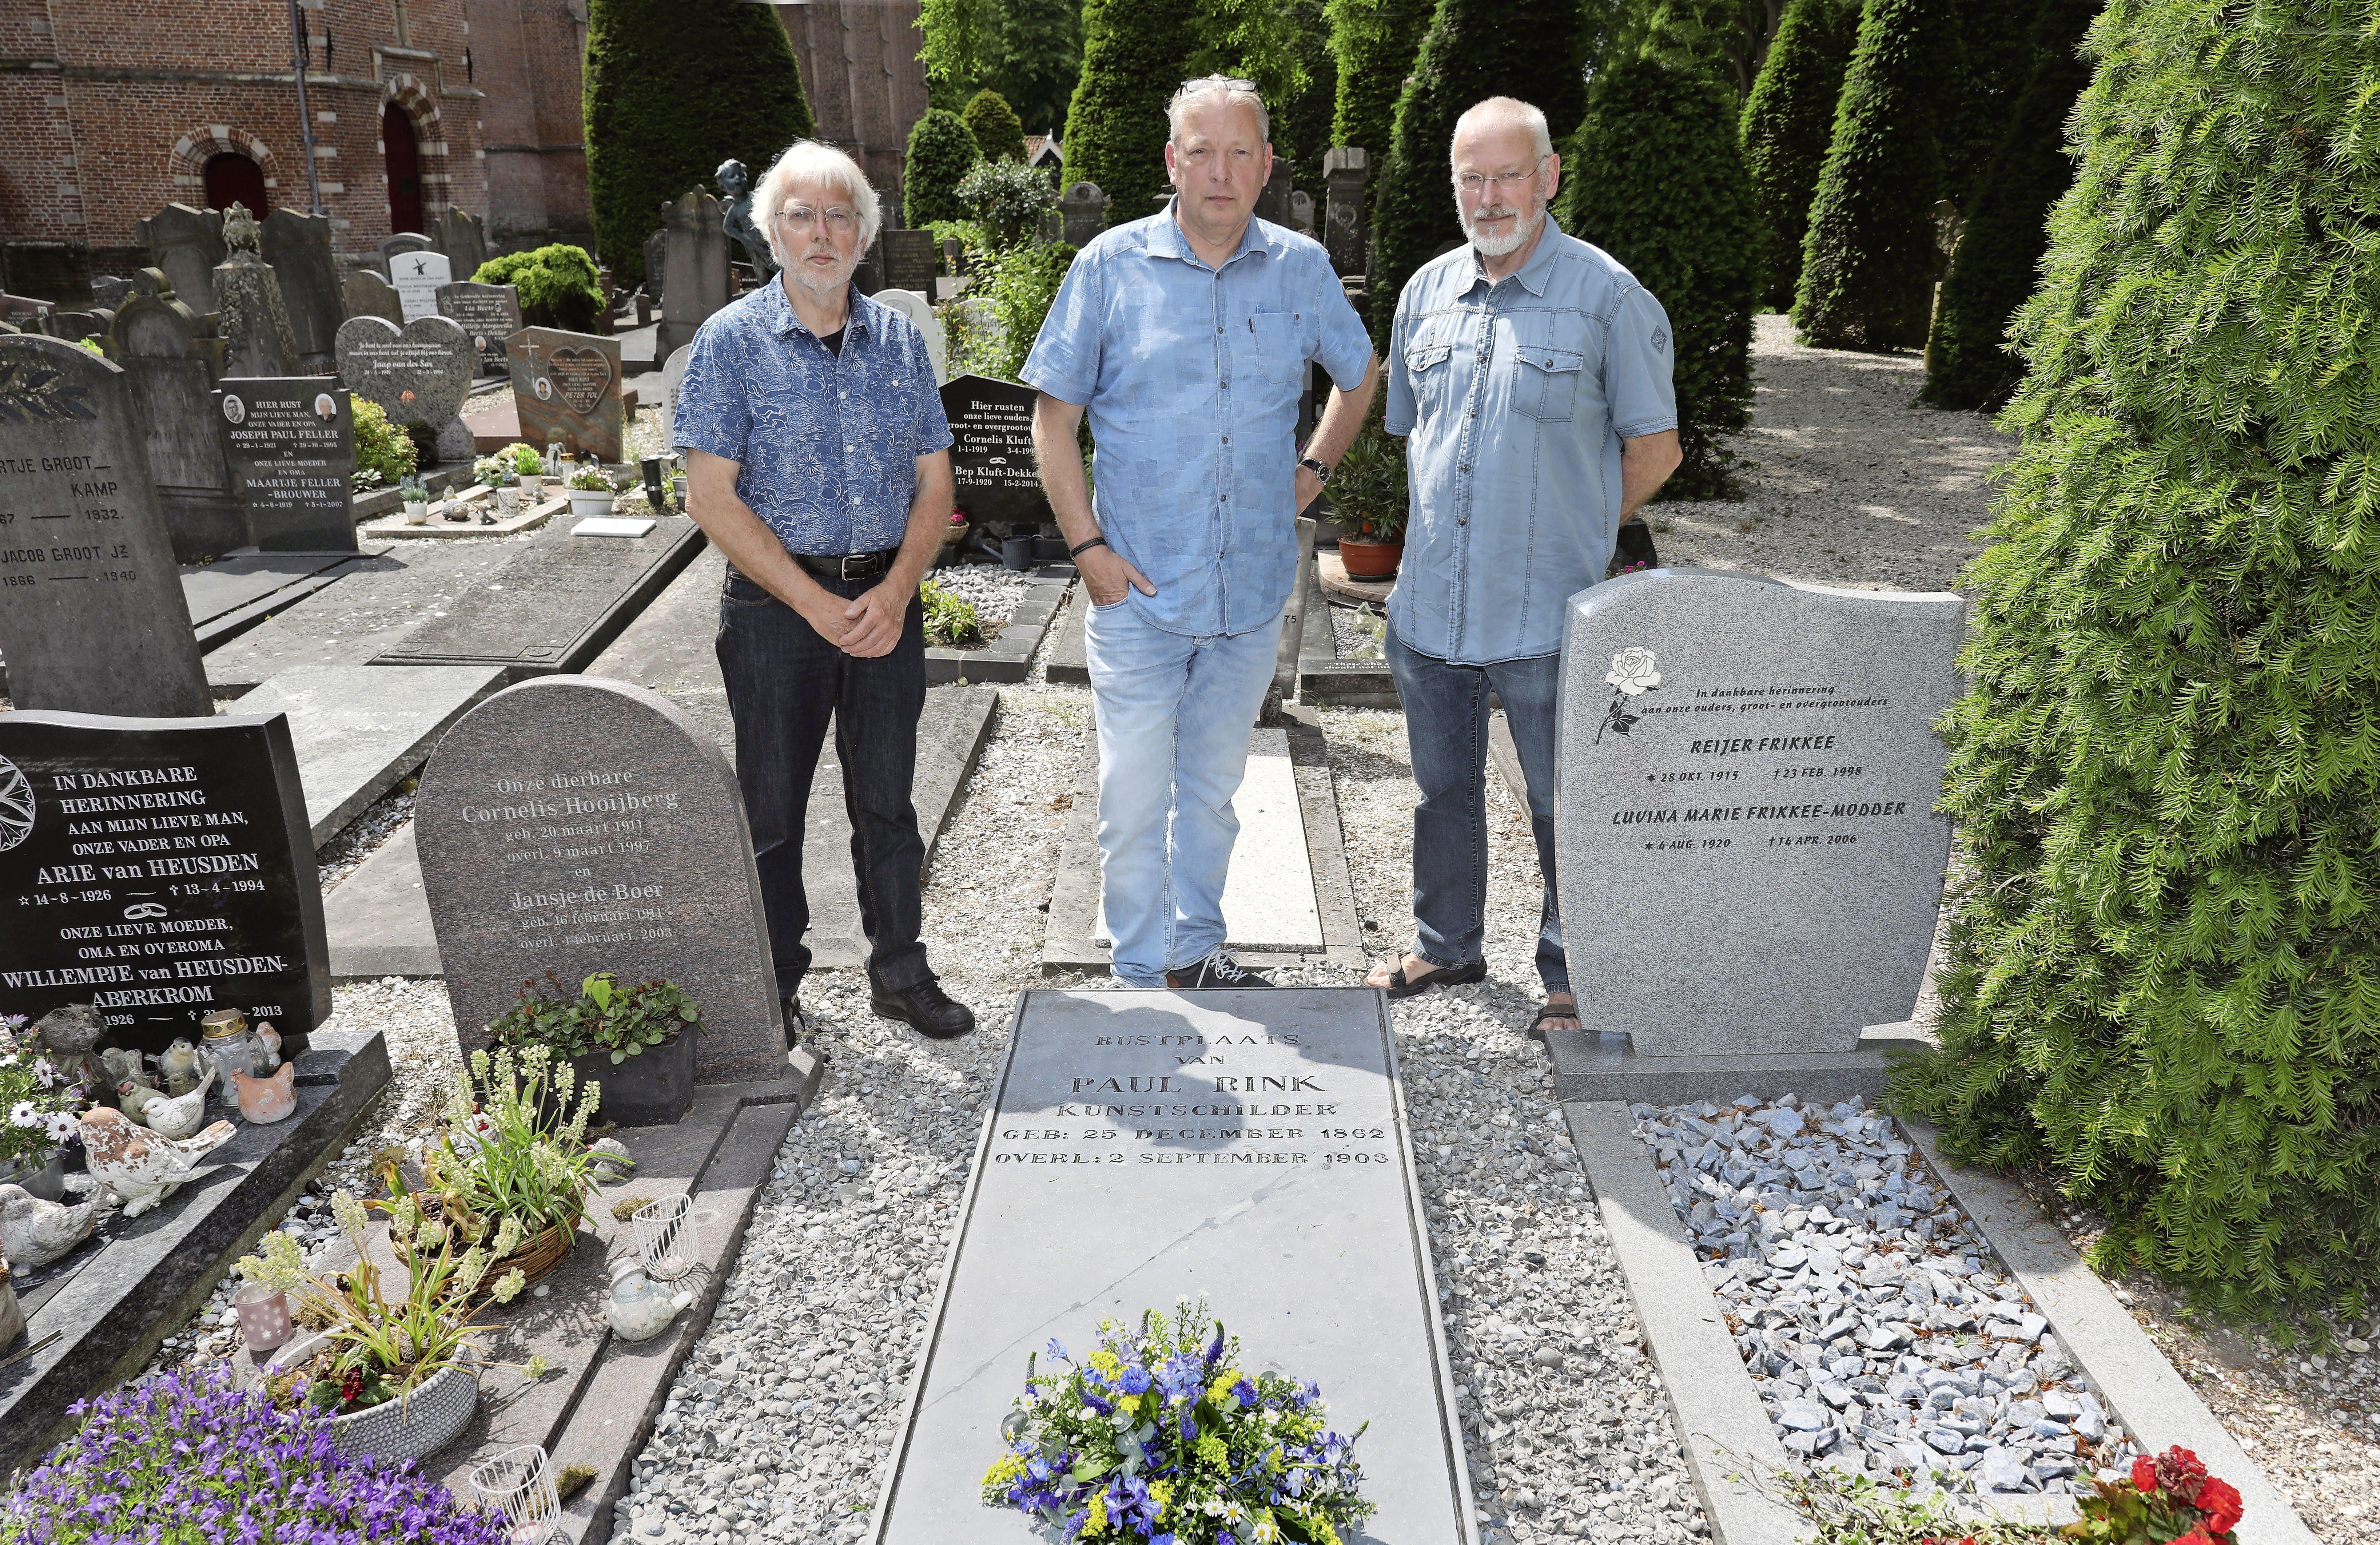 'Deze steen kan zeker weer honderd jaar mee'; bijna geruimd graf van Paul Rink in Edam ziet er dankzij curieuze actie nu tiptop uit